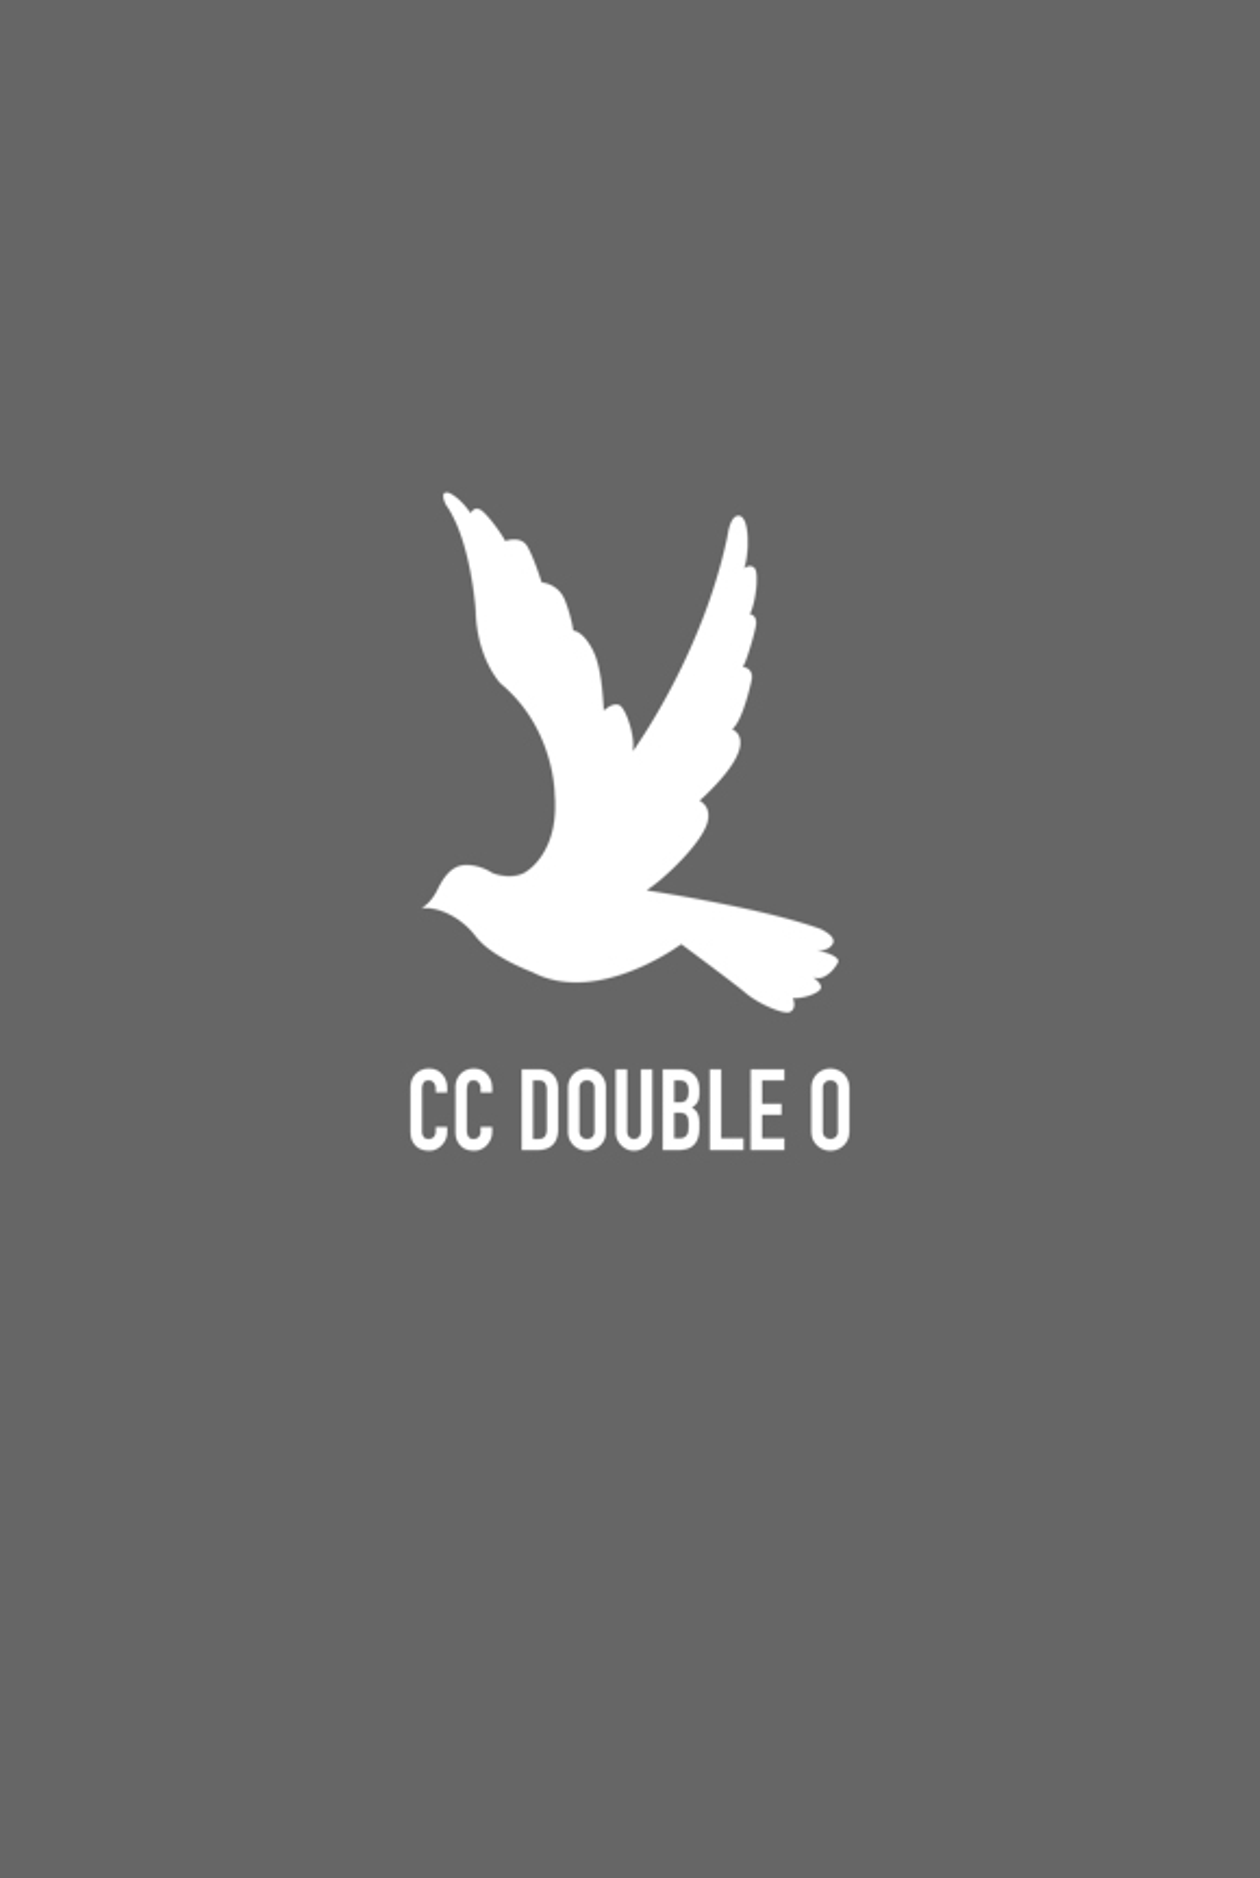 เสื้อเชิ้ตแขนสั้นพิมพ์ลาย CC DOUBLE O ทั่วตัว